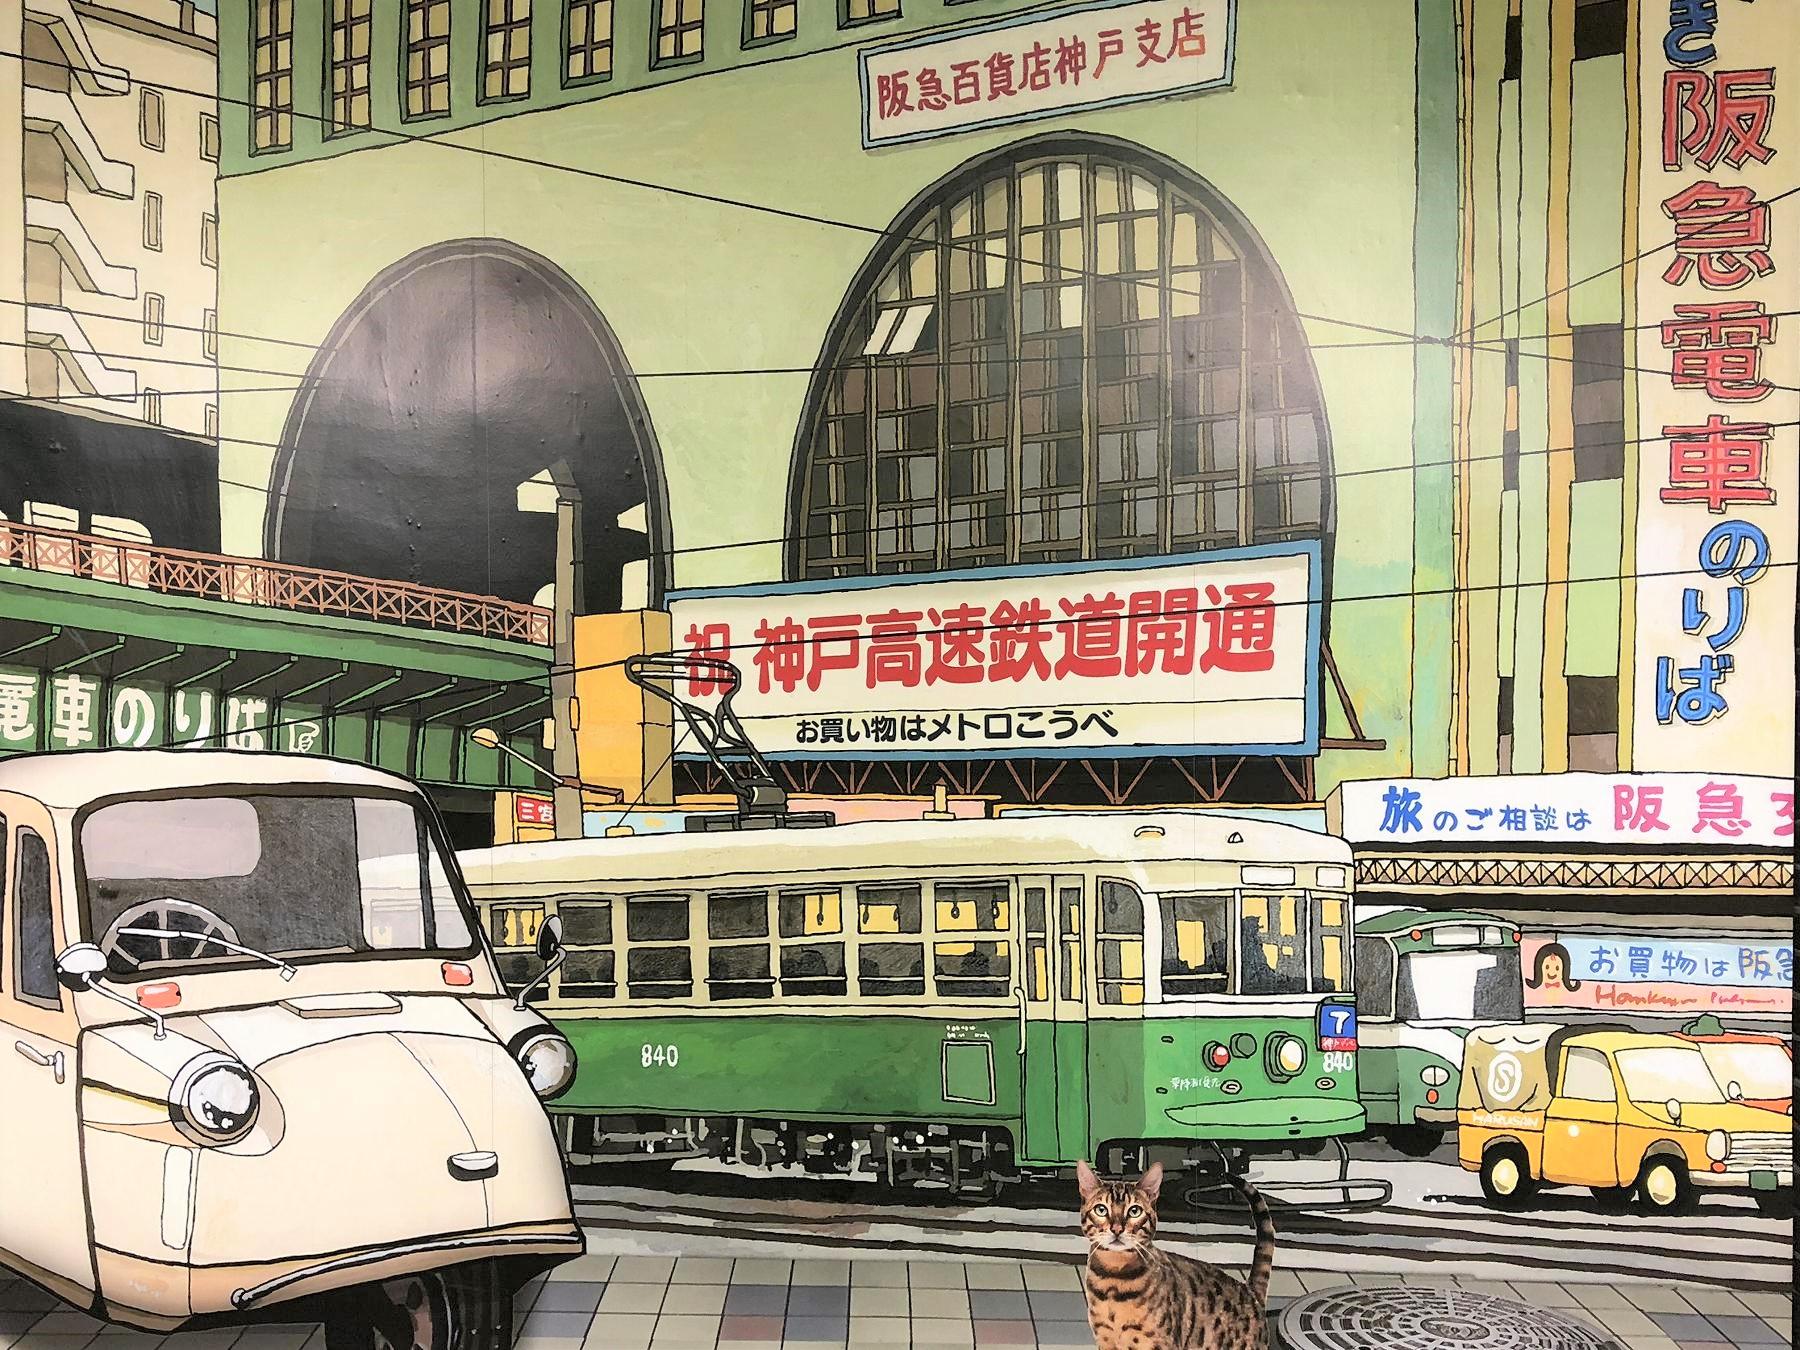 メトロこうべ地下街にある「トリックdeアート」は、インスタ映えスポットだよ! #メトロこうべ #新開地 #高速神戸 #トリックdeアート #インスタ映え #昭和レトロ